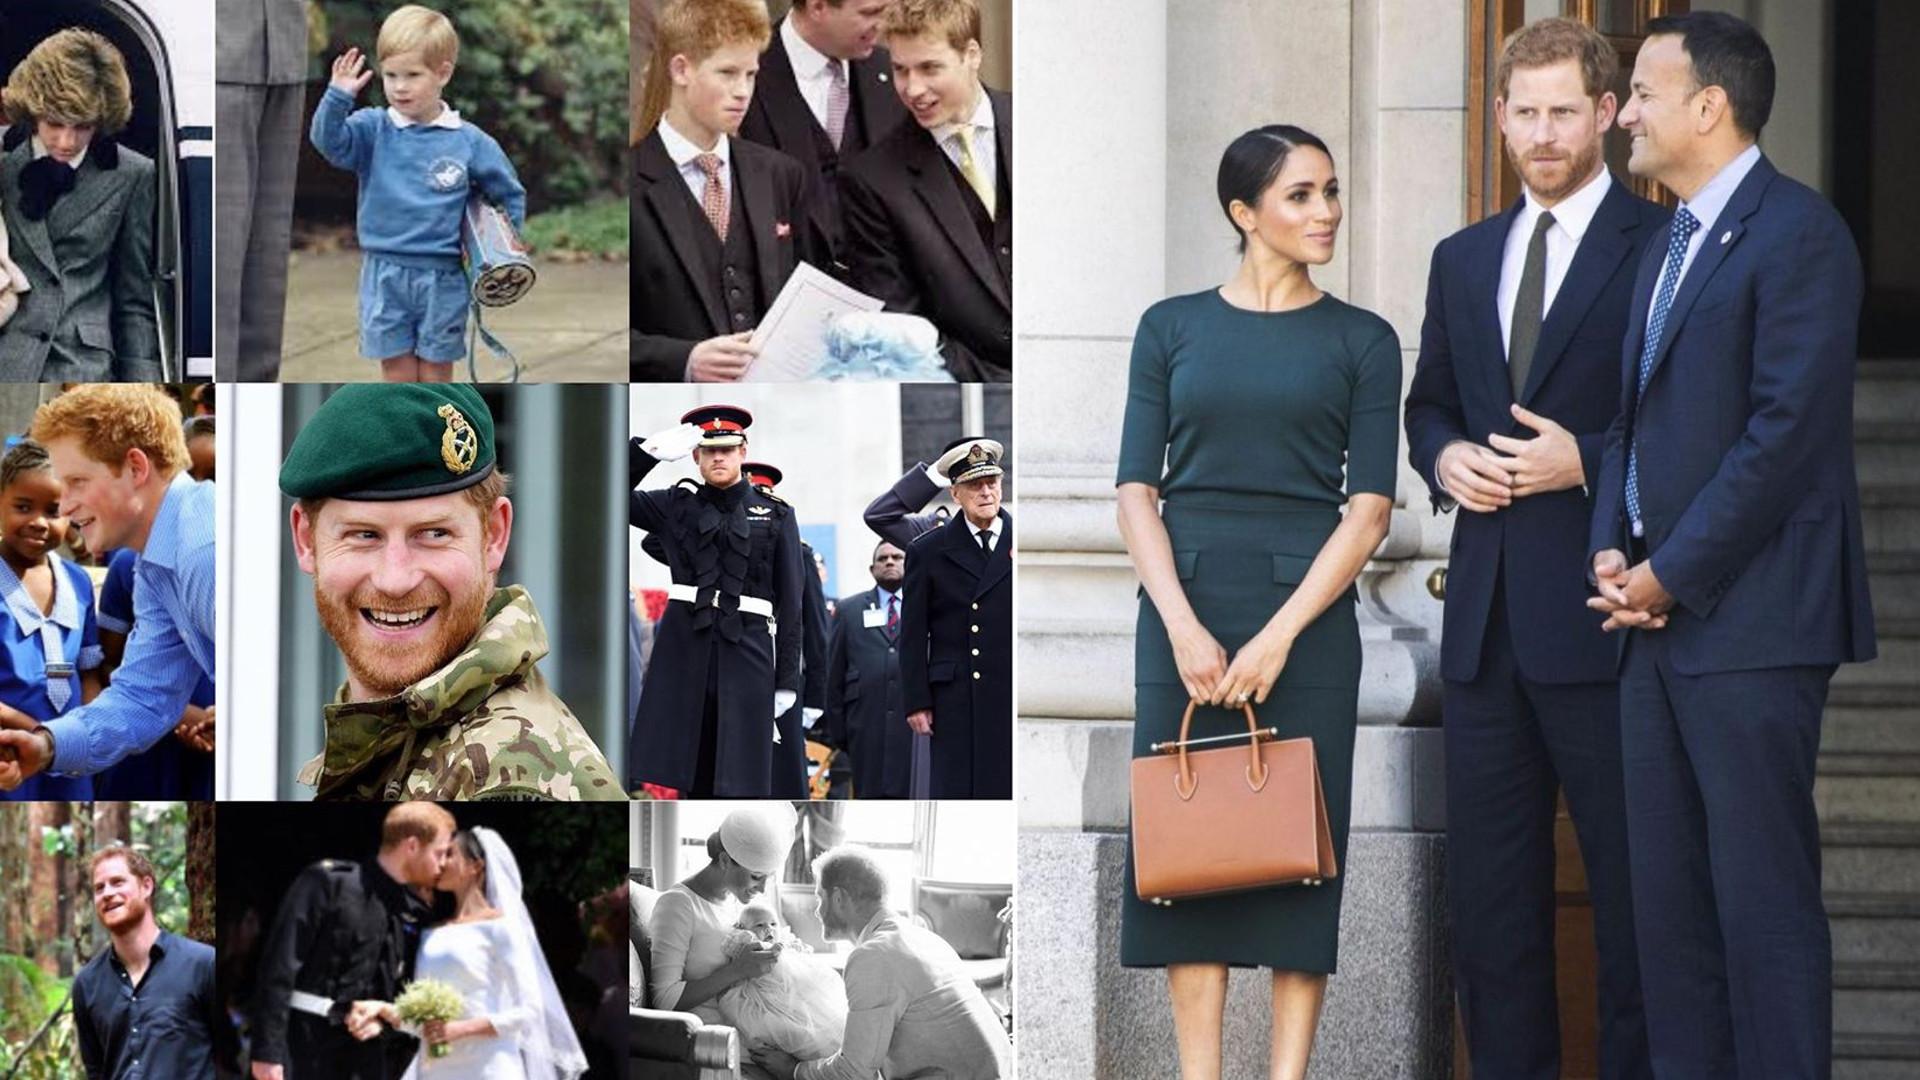 Książę Harry świętuje 35 urodziny. Meghan Markle napisała wzruszające życzenia i opublikowała nigdy wcześniej nie widziane zdjęcie syna